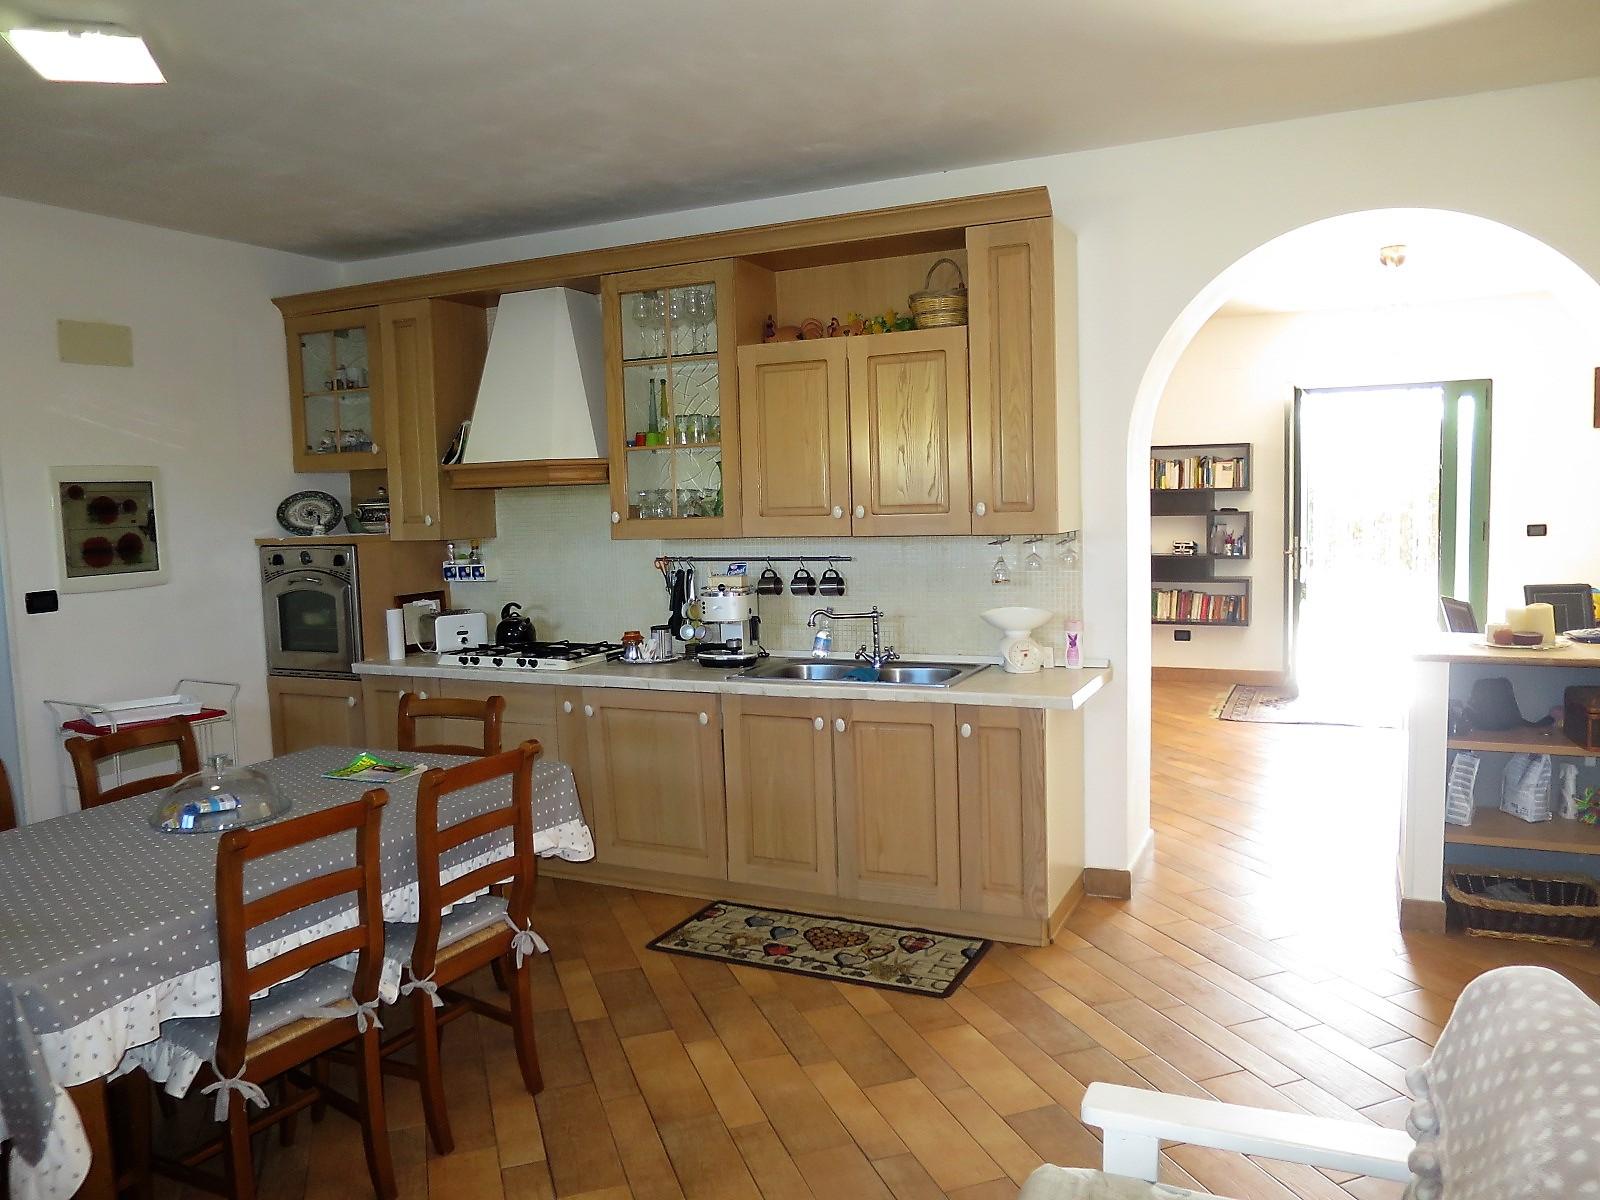 Country Houses Country Houses for sale Montefino (TE), Villa Como - Montefino - EUR 251.198 290